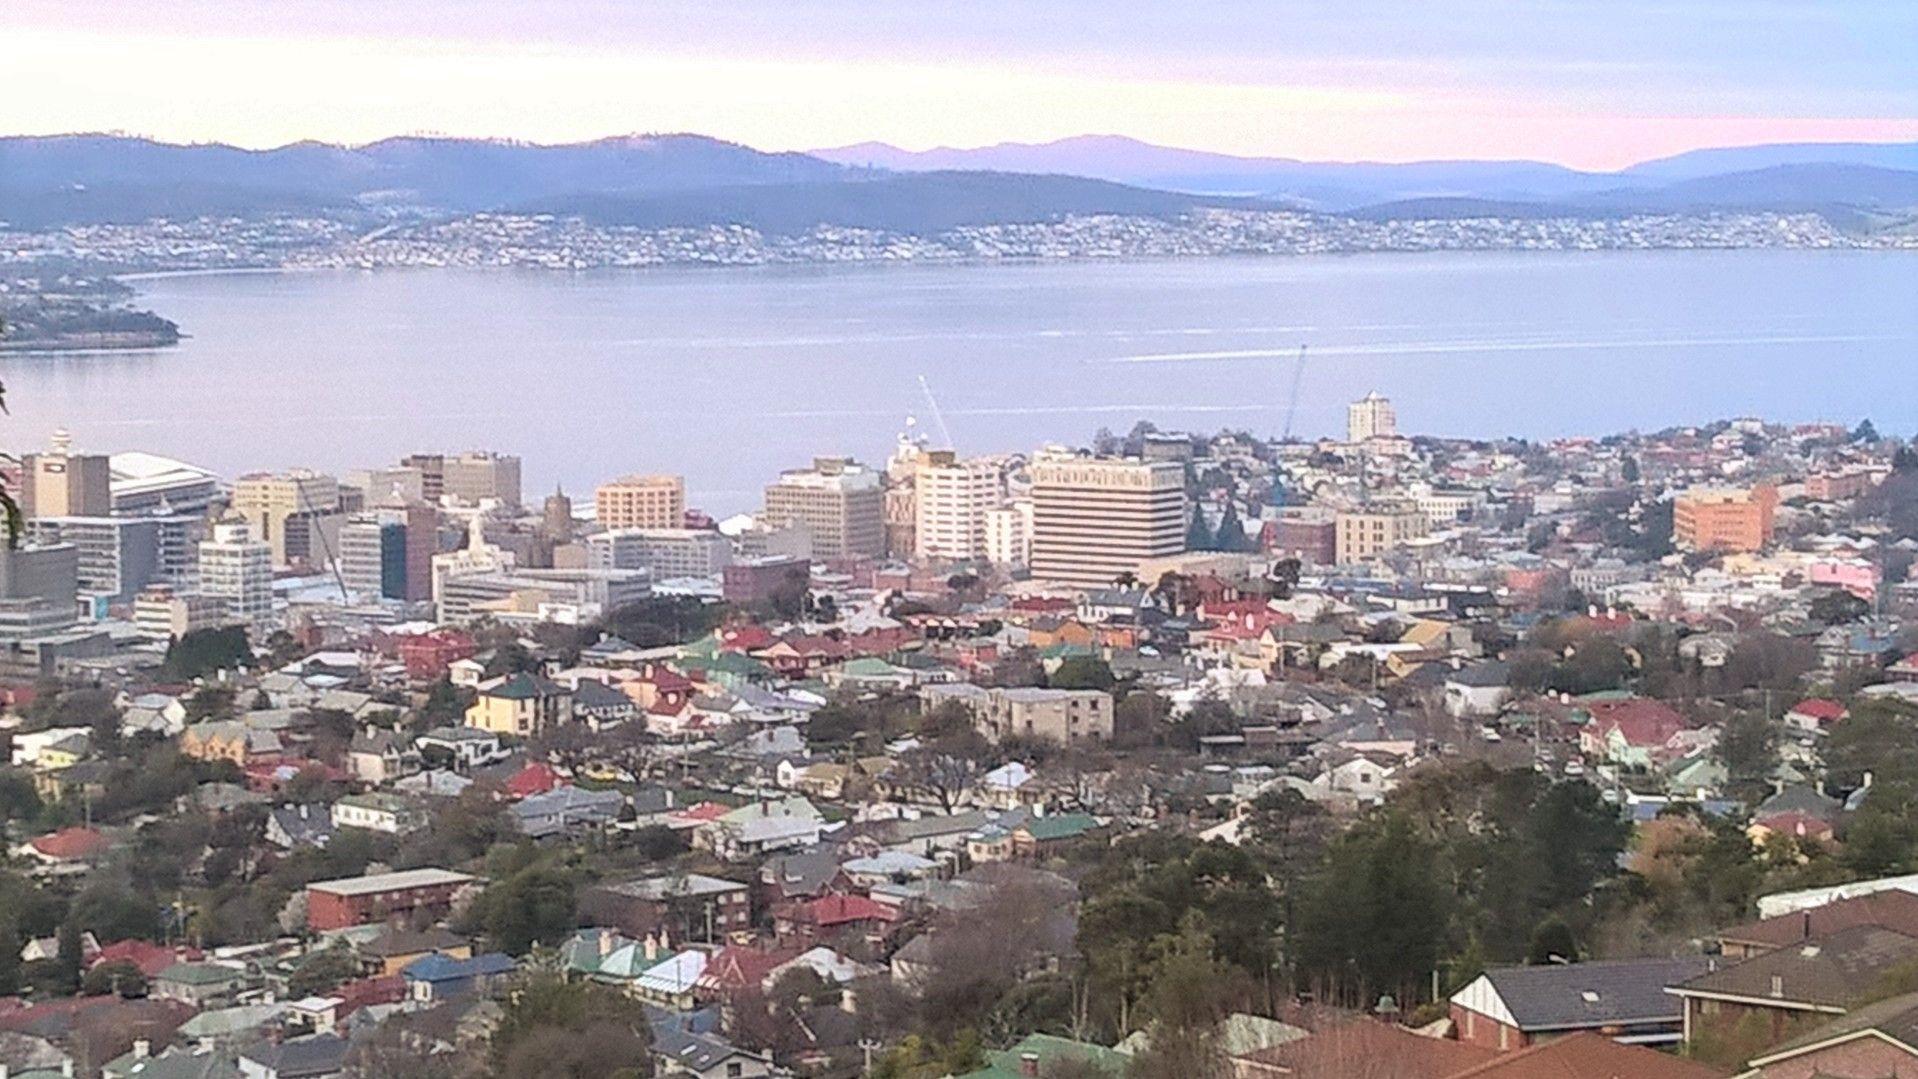 Hobart City looking from West Hobart in Tasmania